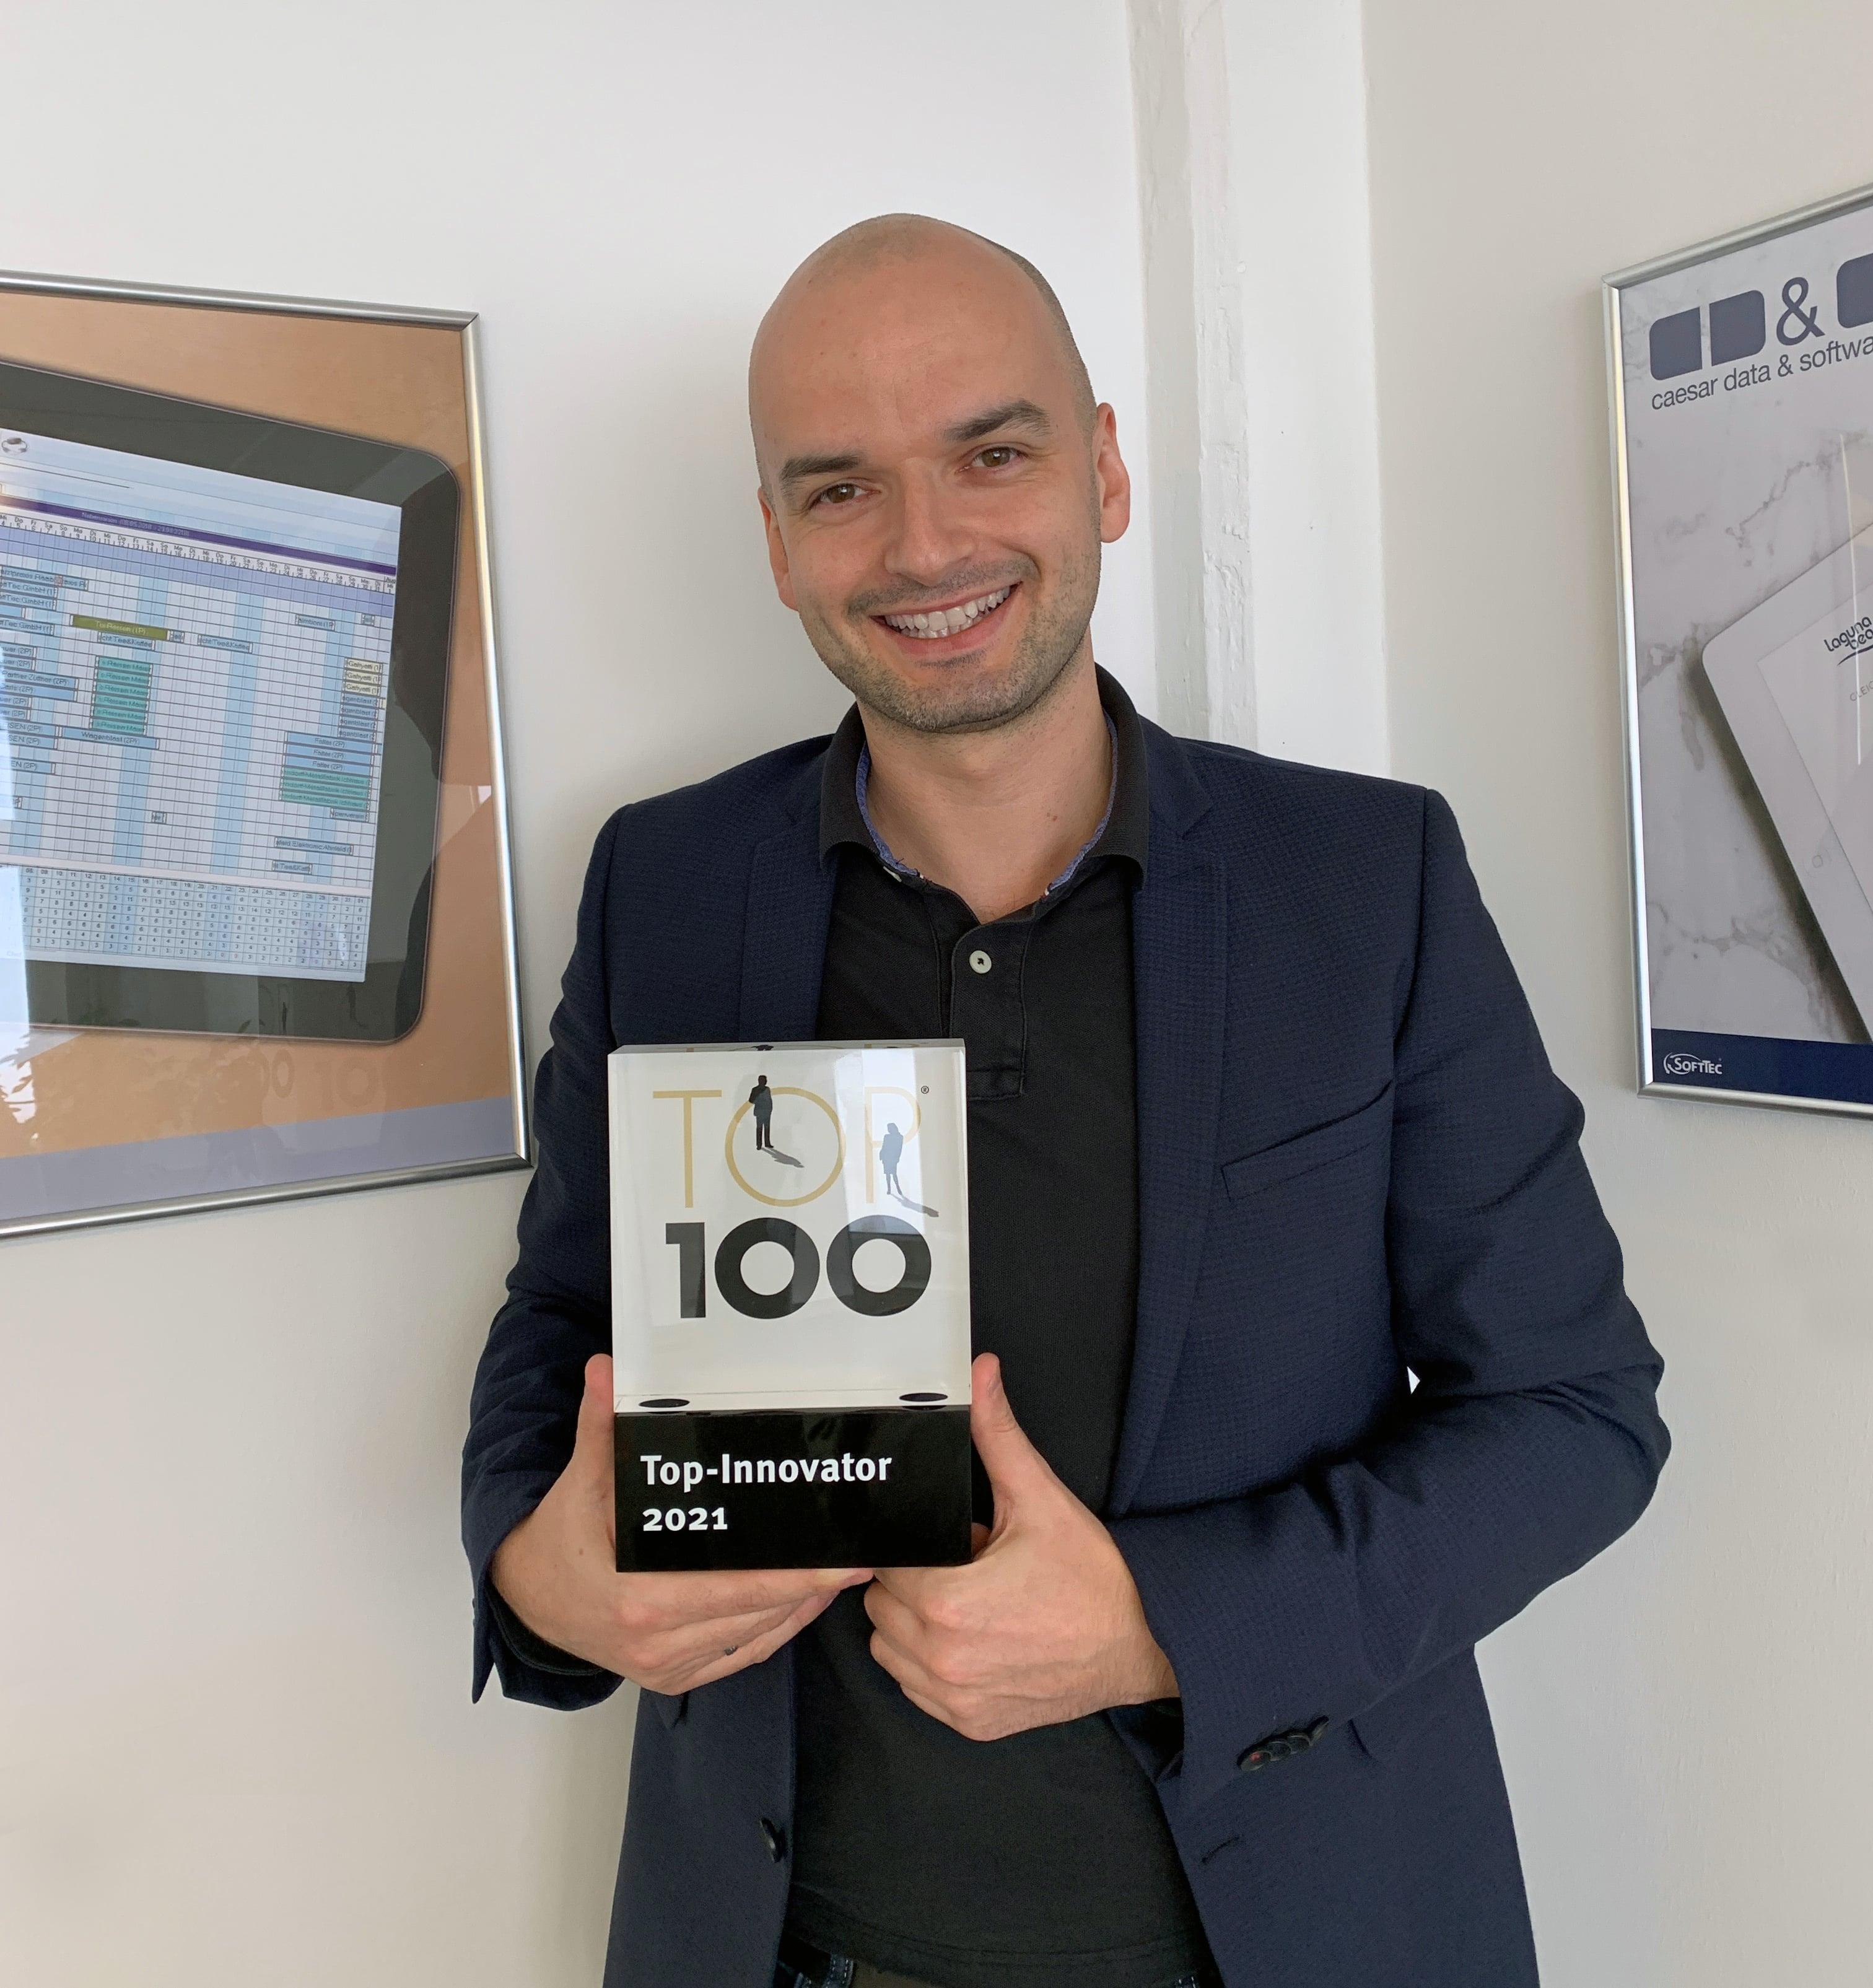 Preisgekrönte Innovationskraft: Die FORUM-Beteiligung SoftTec hat das TOP 100-Siegel 2021 verliehen bekommen. Mit dieser Auszeichnung werden besonders innovative mittelständische Unternehmen geehrt Zuvor hatte die SoftTec GmbH in einem wissenschaftlichen Auswahlverfahren ihre Innov...